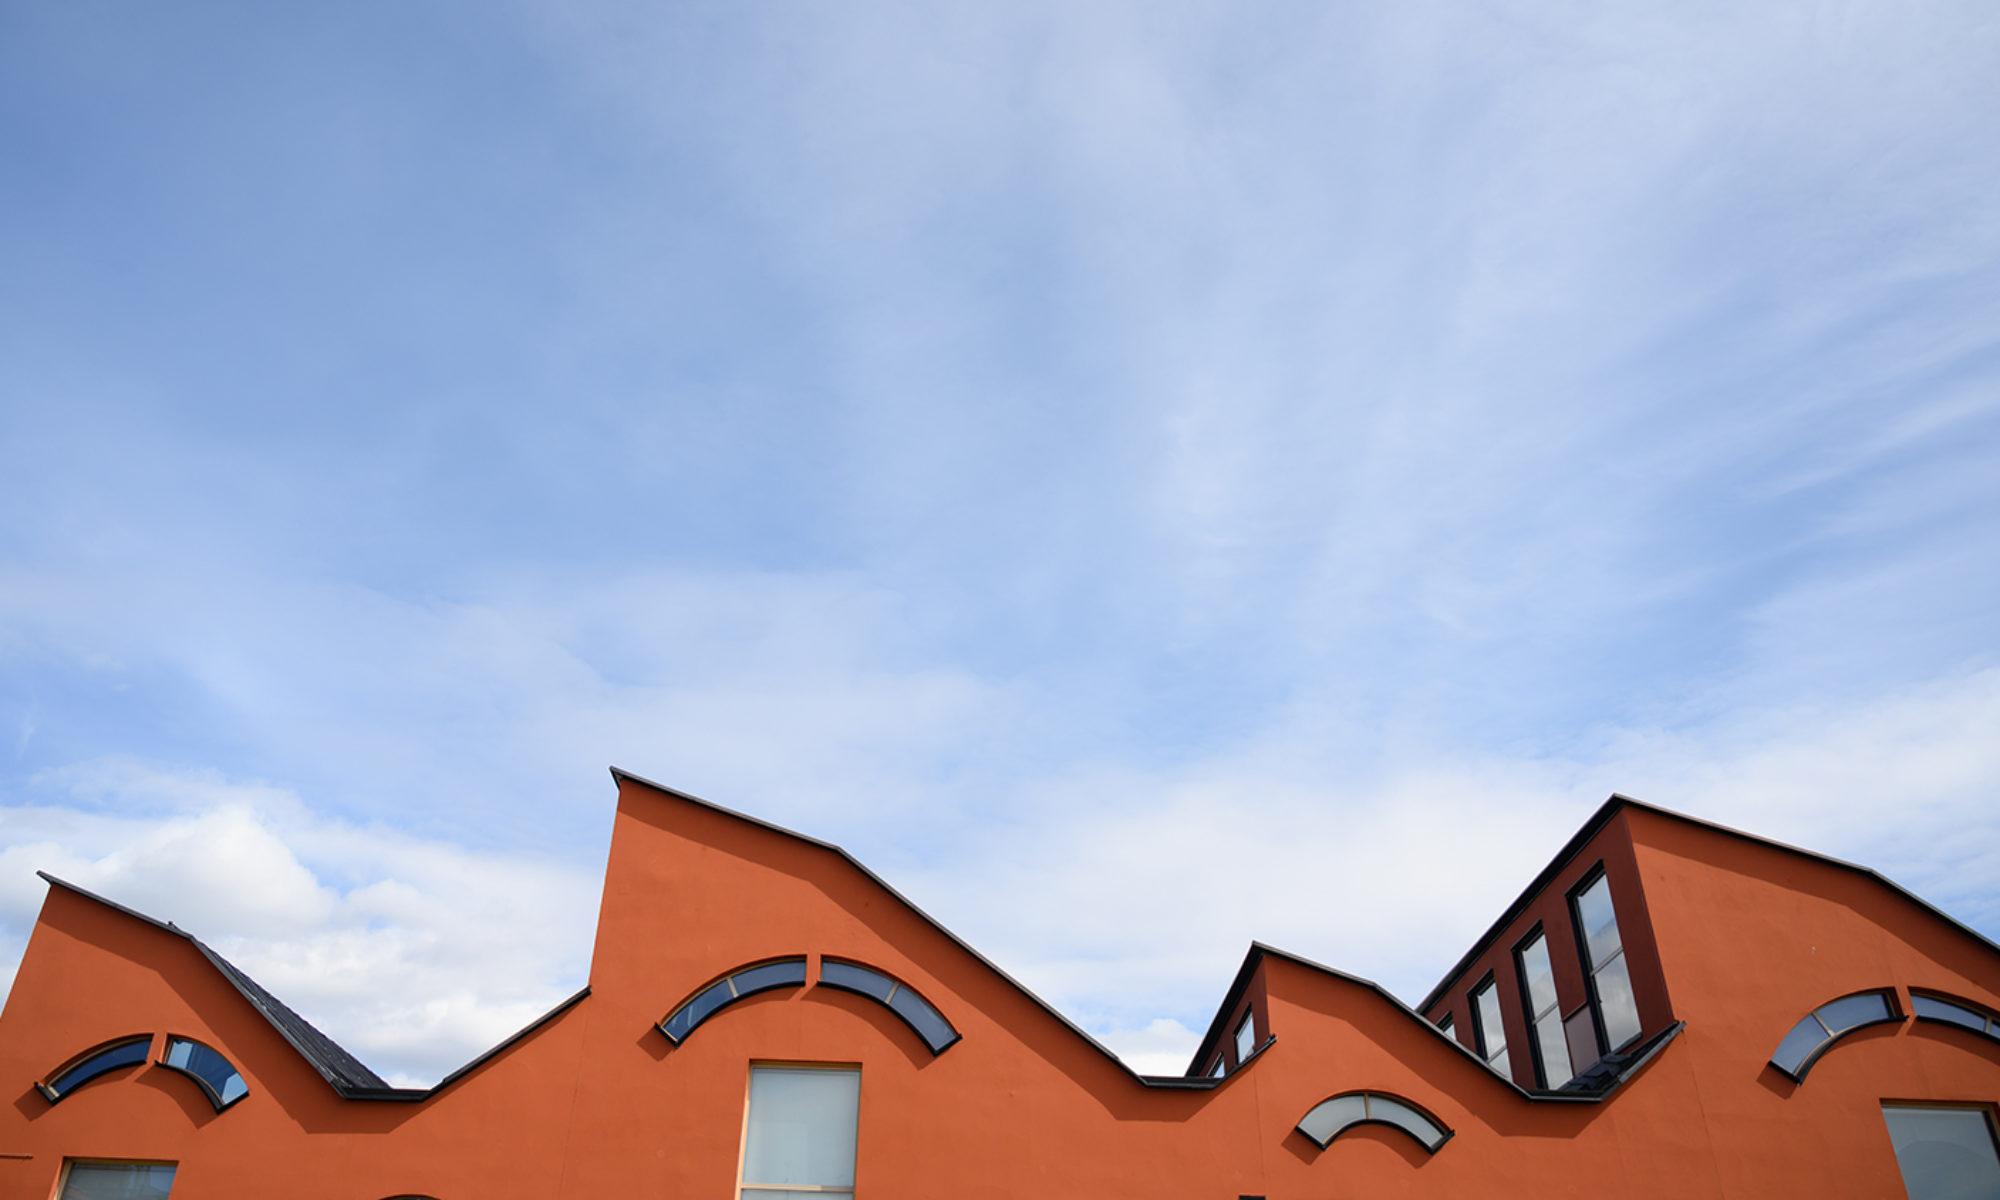 Museibyggnadens vågiga arkitektur i terracotta, mot en blå himmel med lätta moln